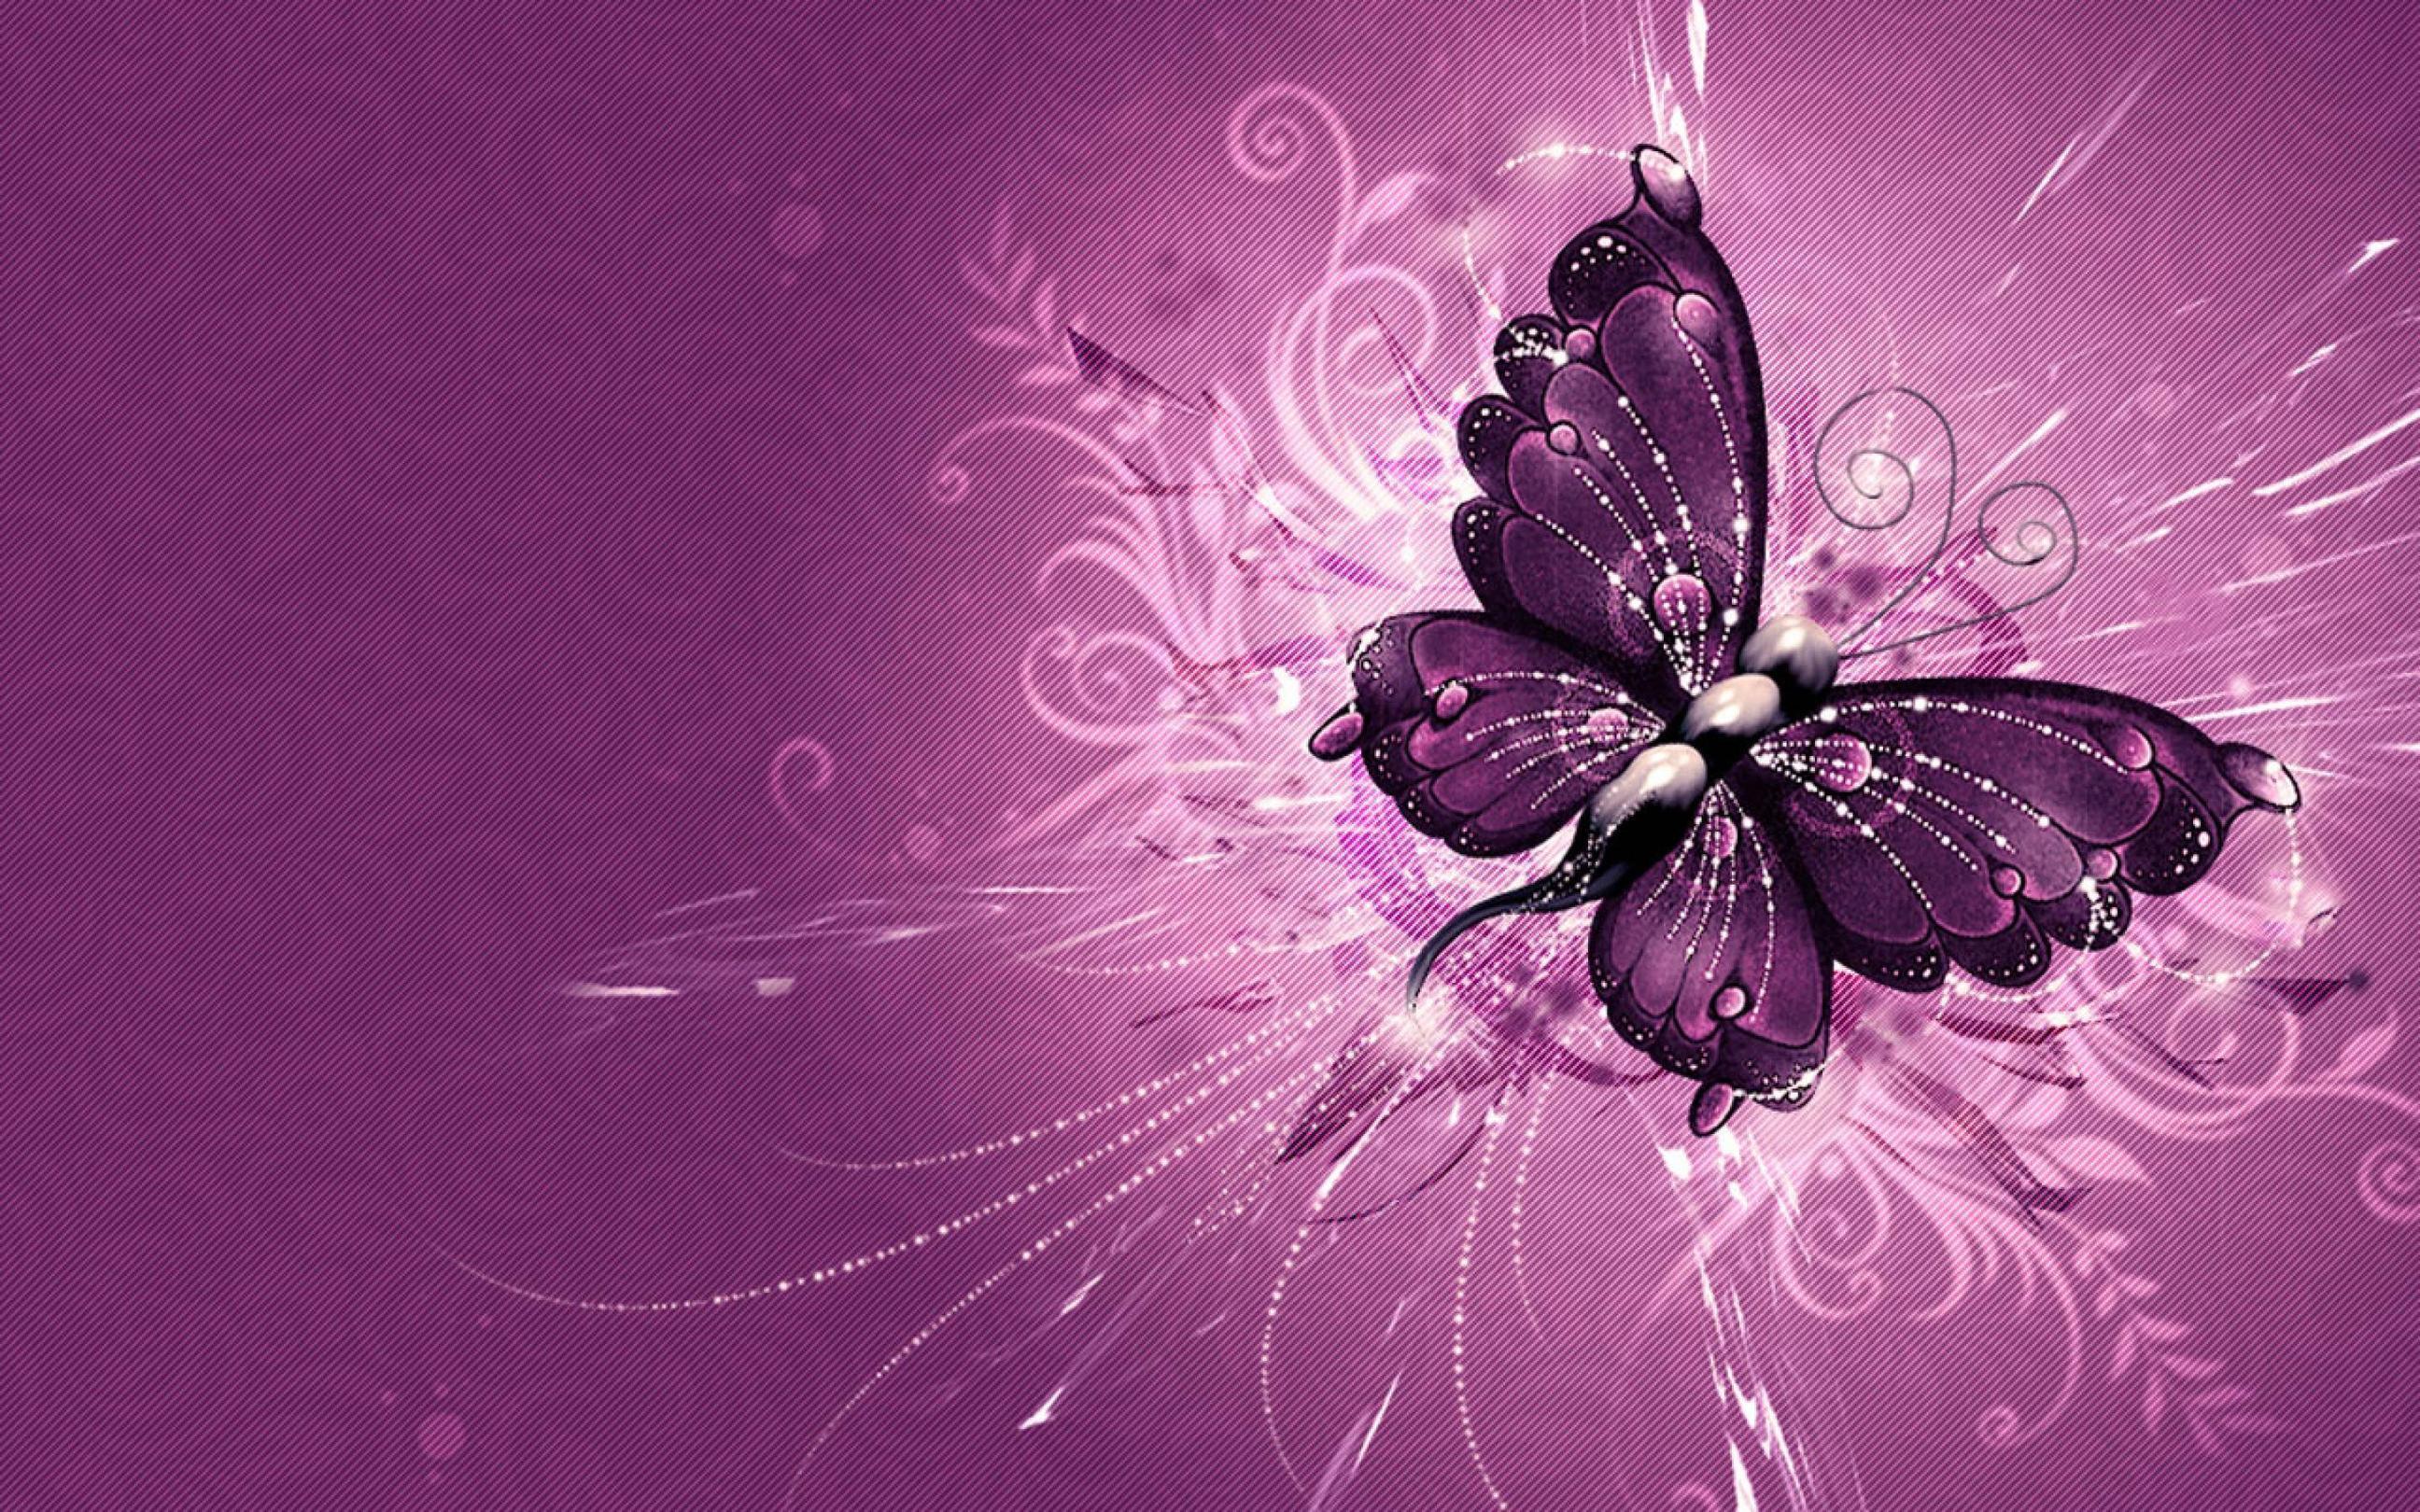 Purple Butterfly Wallpapers - Full HD wallpaper search